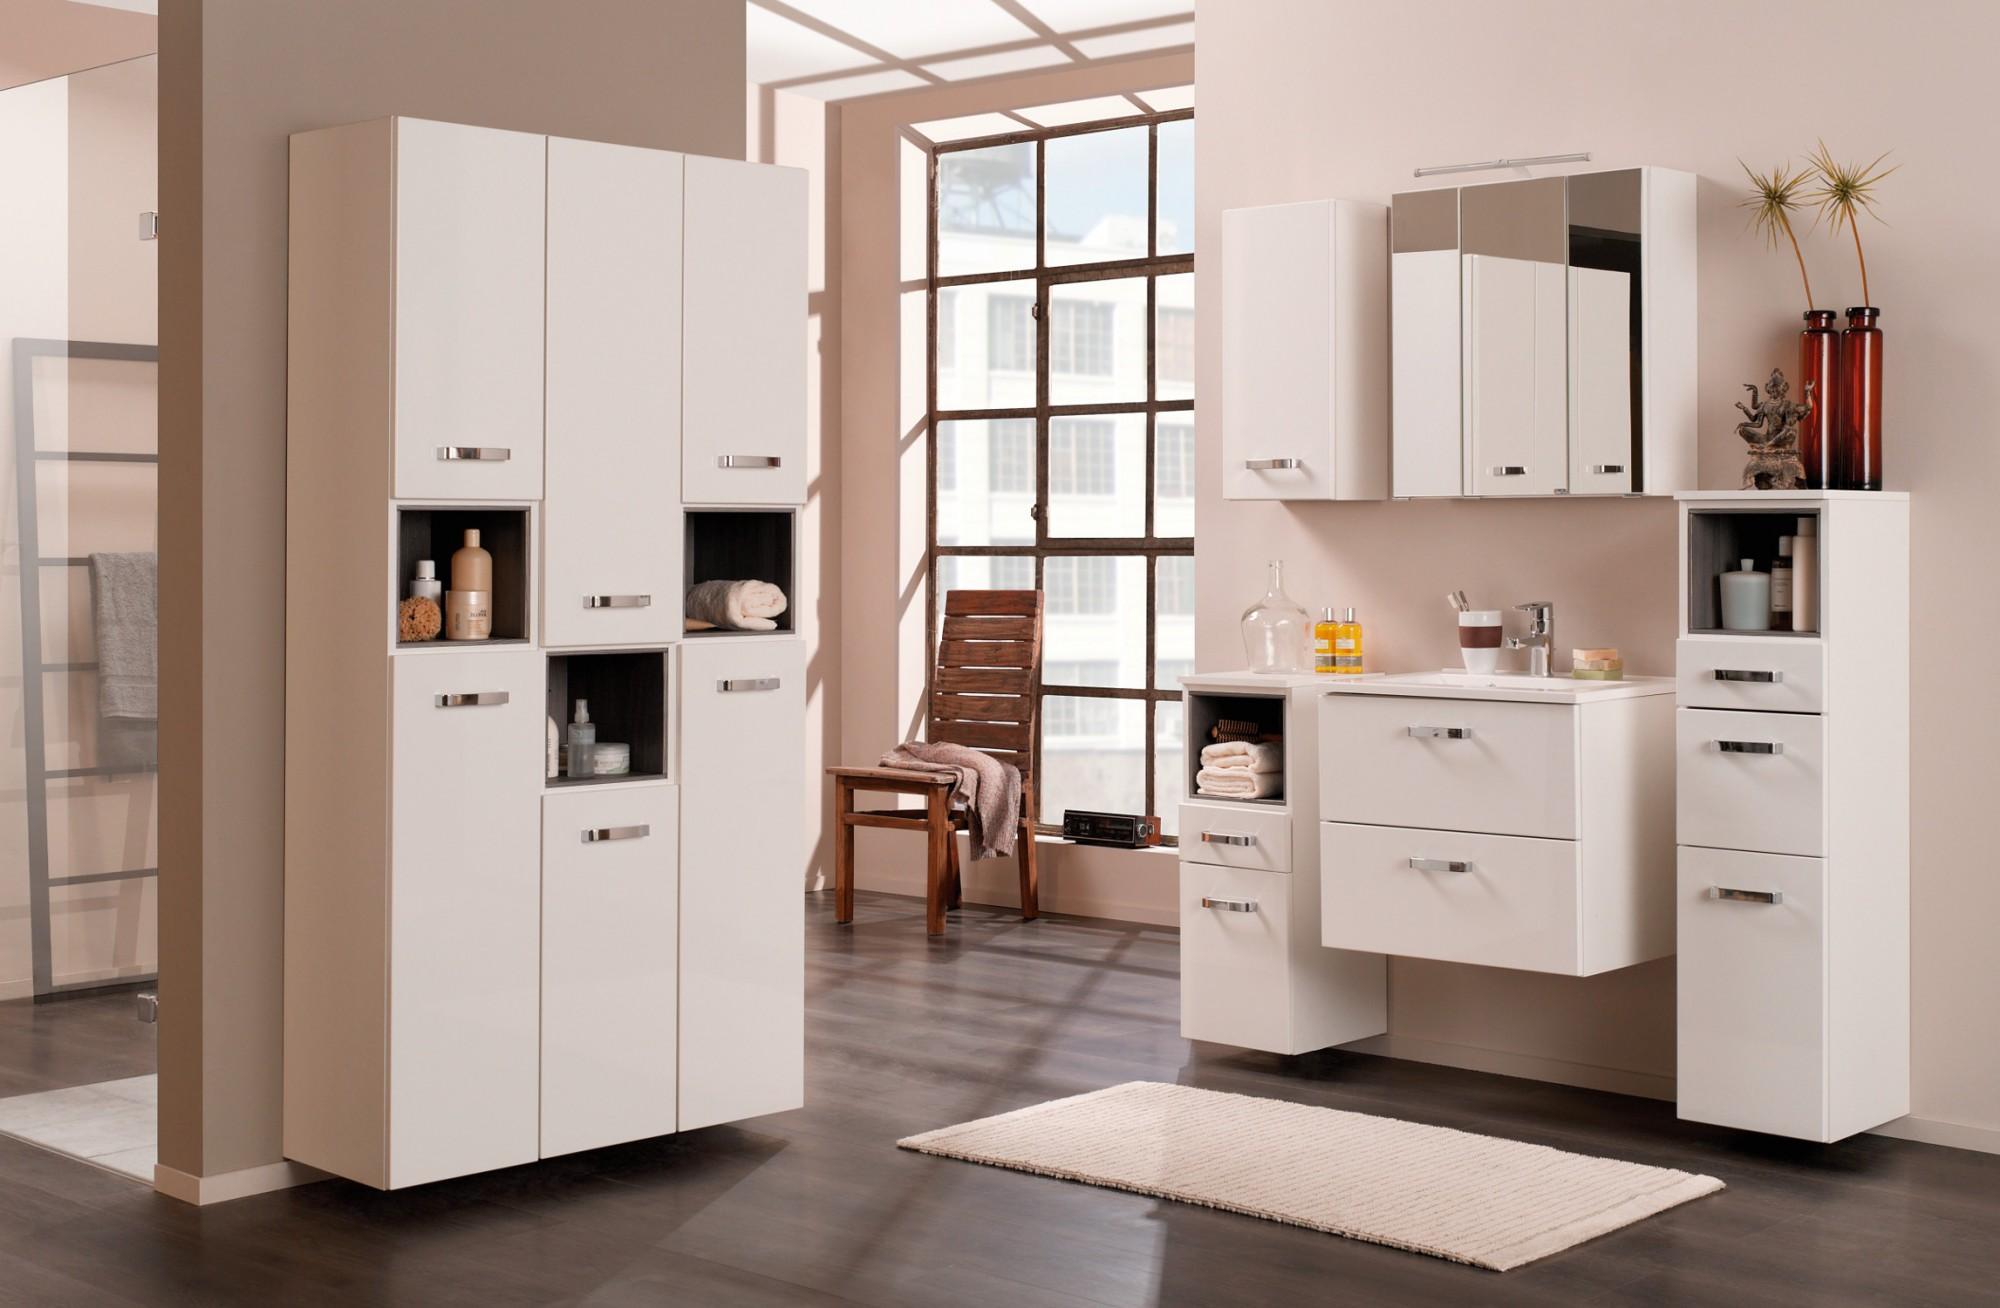 bad unterschrank ancona 1 t rig 1 schublade 30 cm breit hochglanz wei bad bad unterschr nke. Black Bedroom Furniture Sets. Home Design Ideas